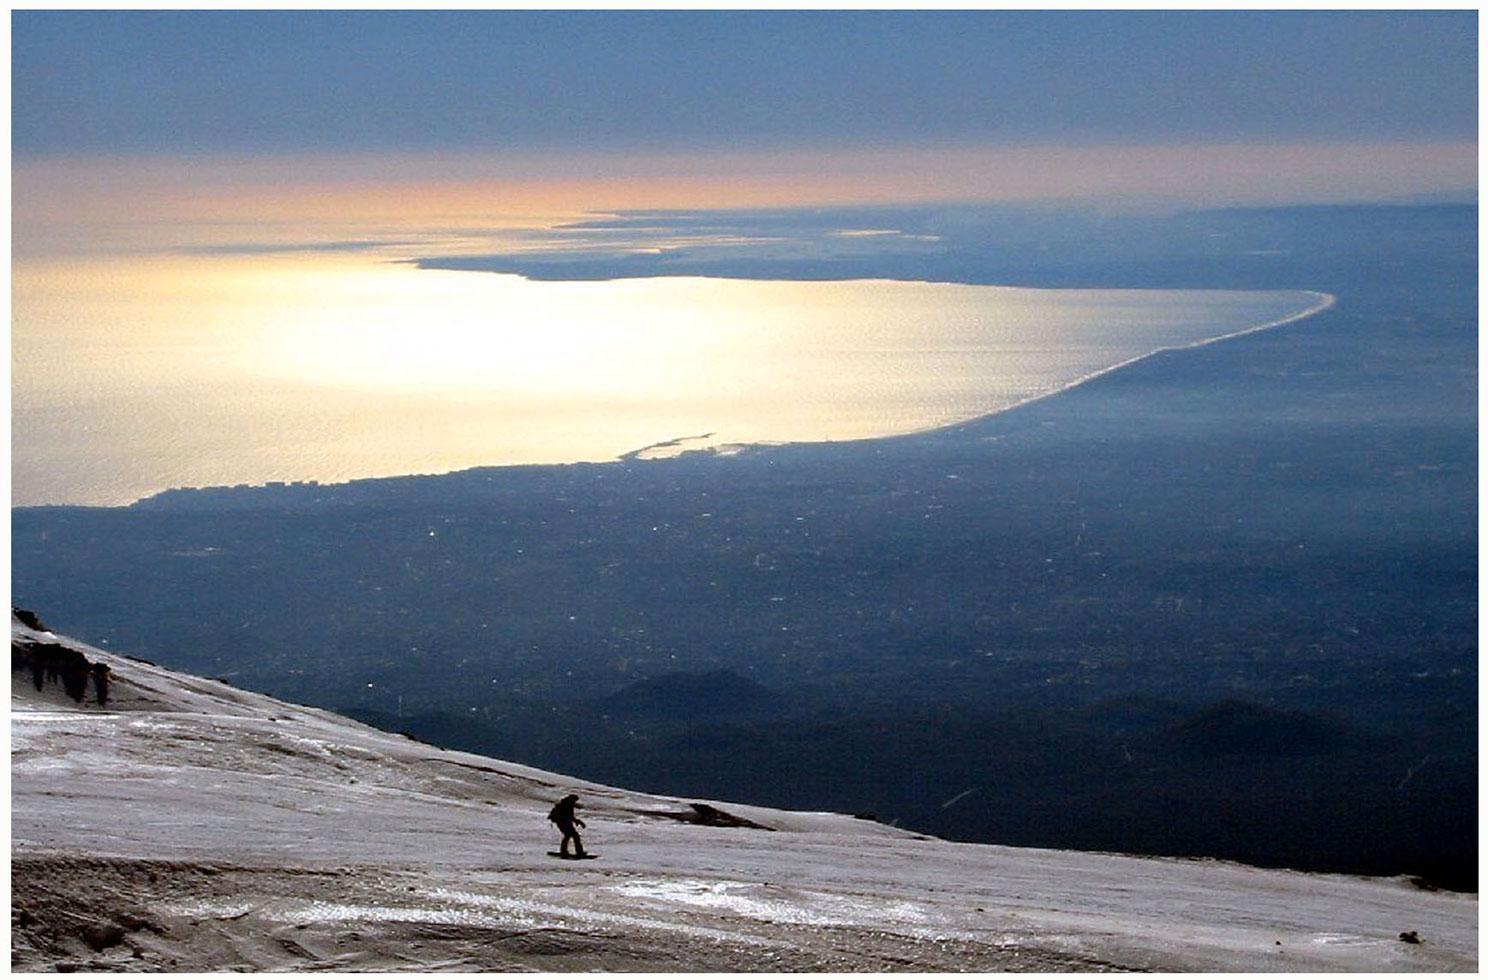 La città e il golfo visti dalle piste da sci di Nicolosi Etna sud